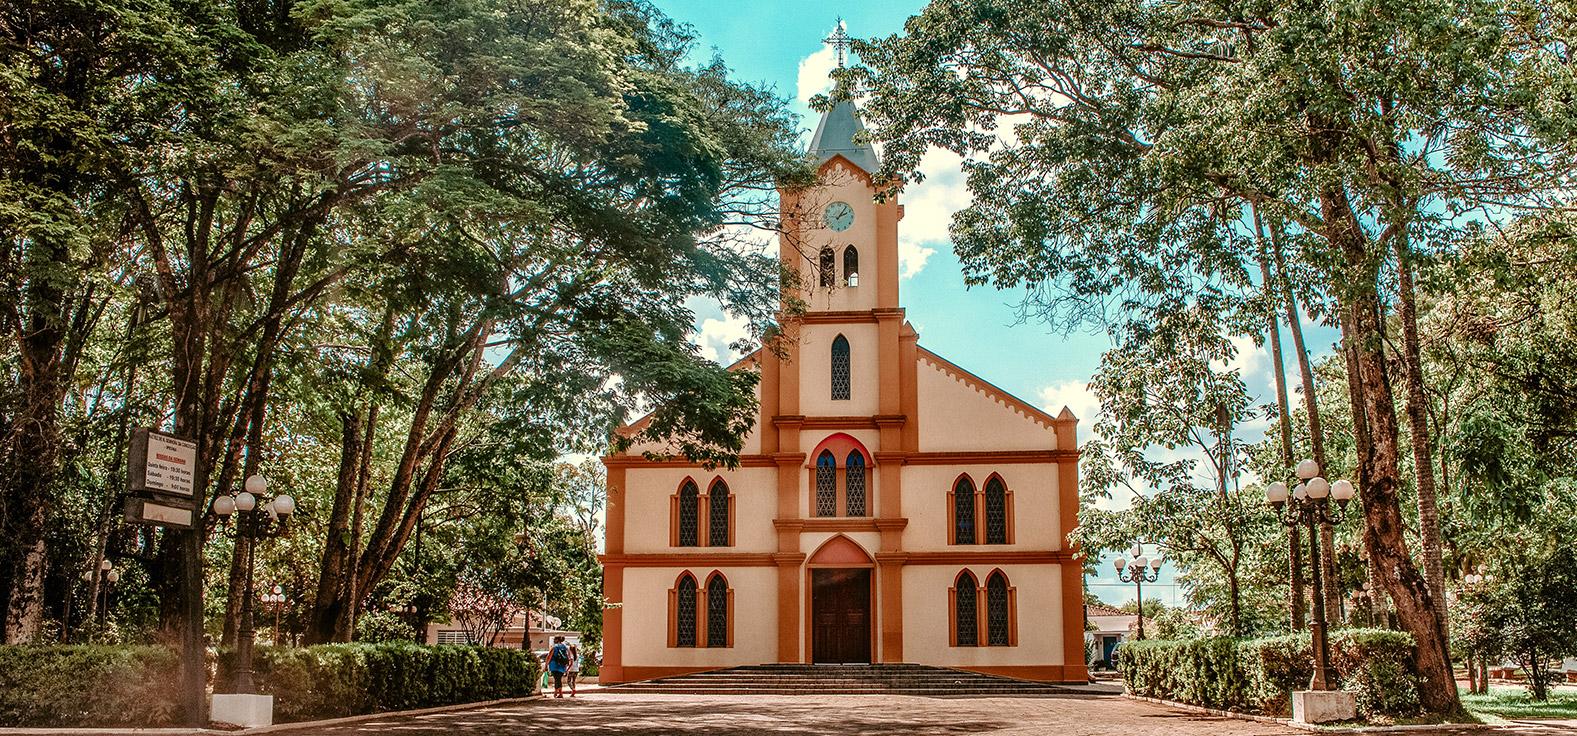 Praça Vicente em Ipeúna | Portal Serra do Itaquerí